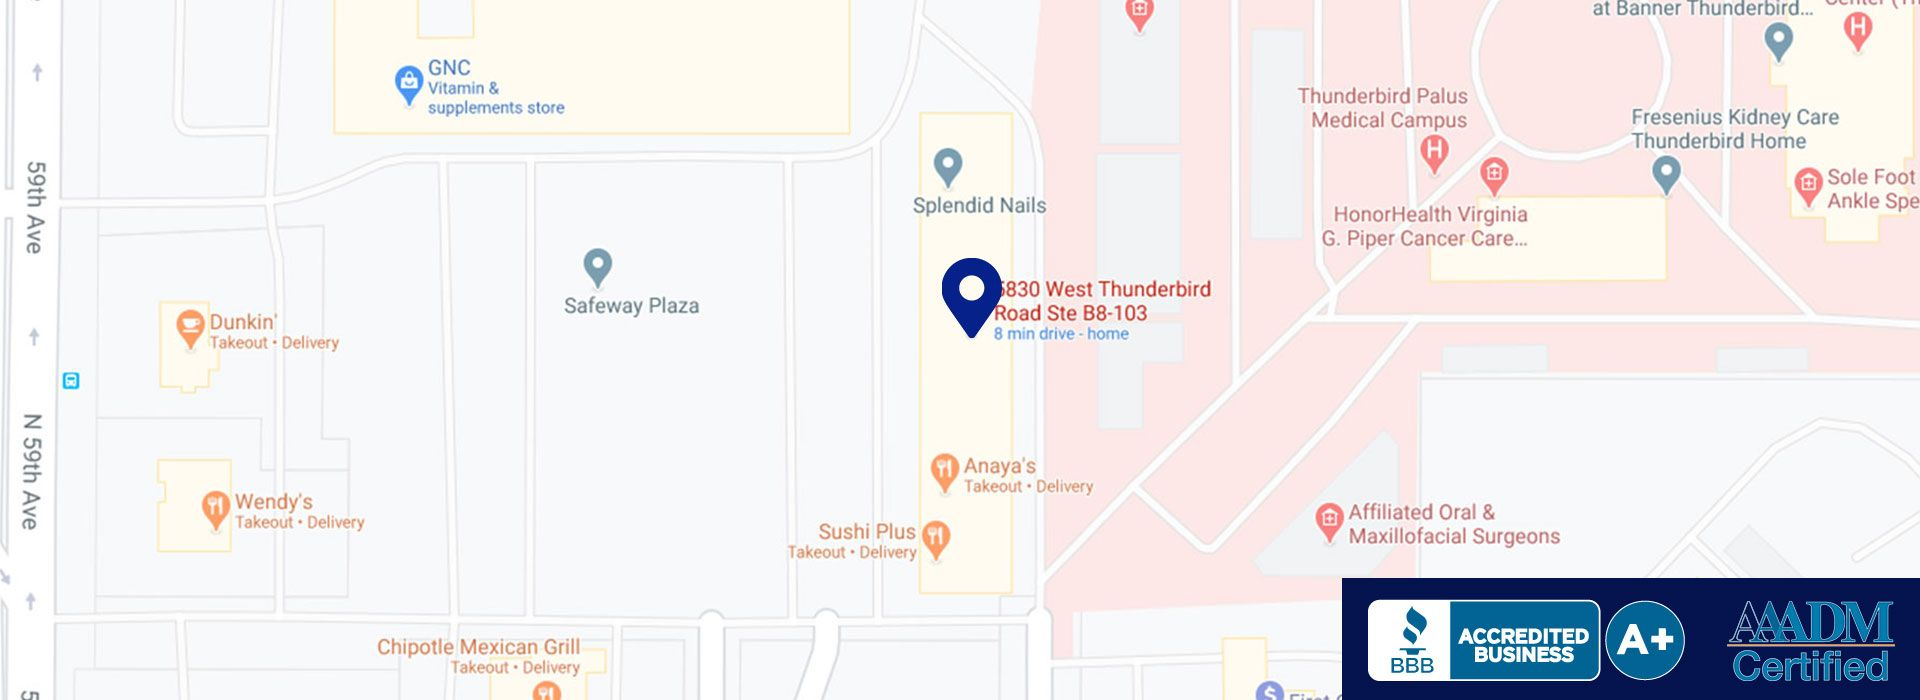 map_header_03.jpg